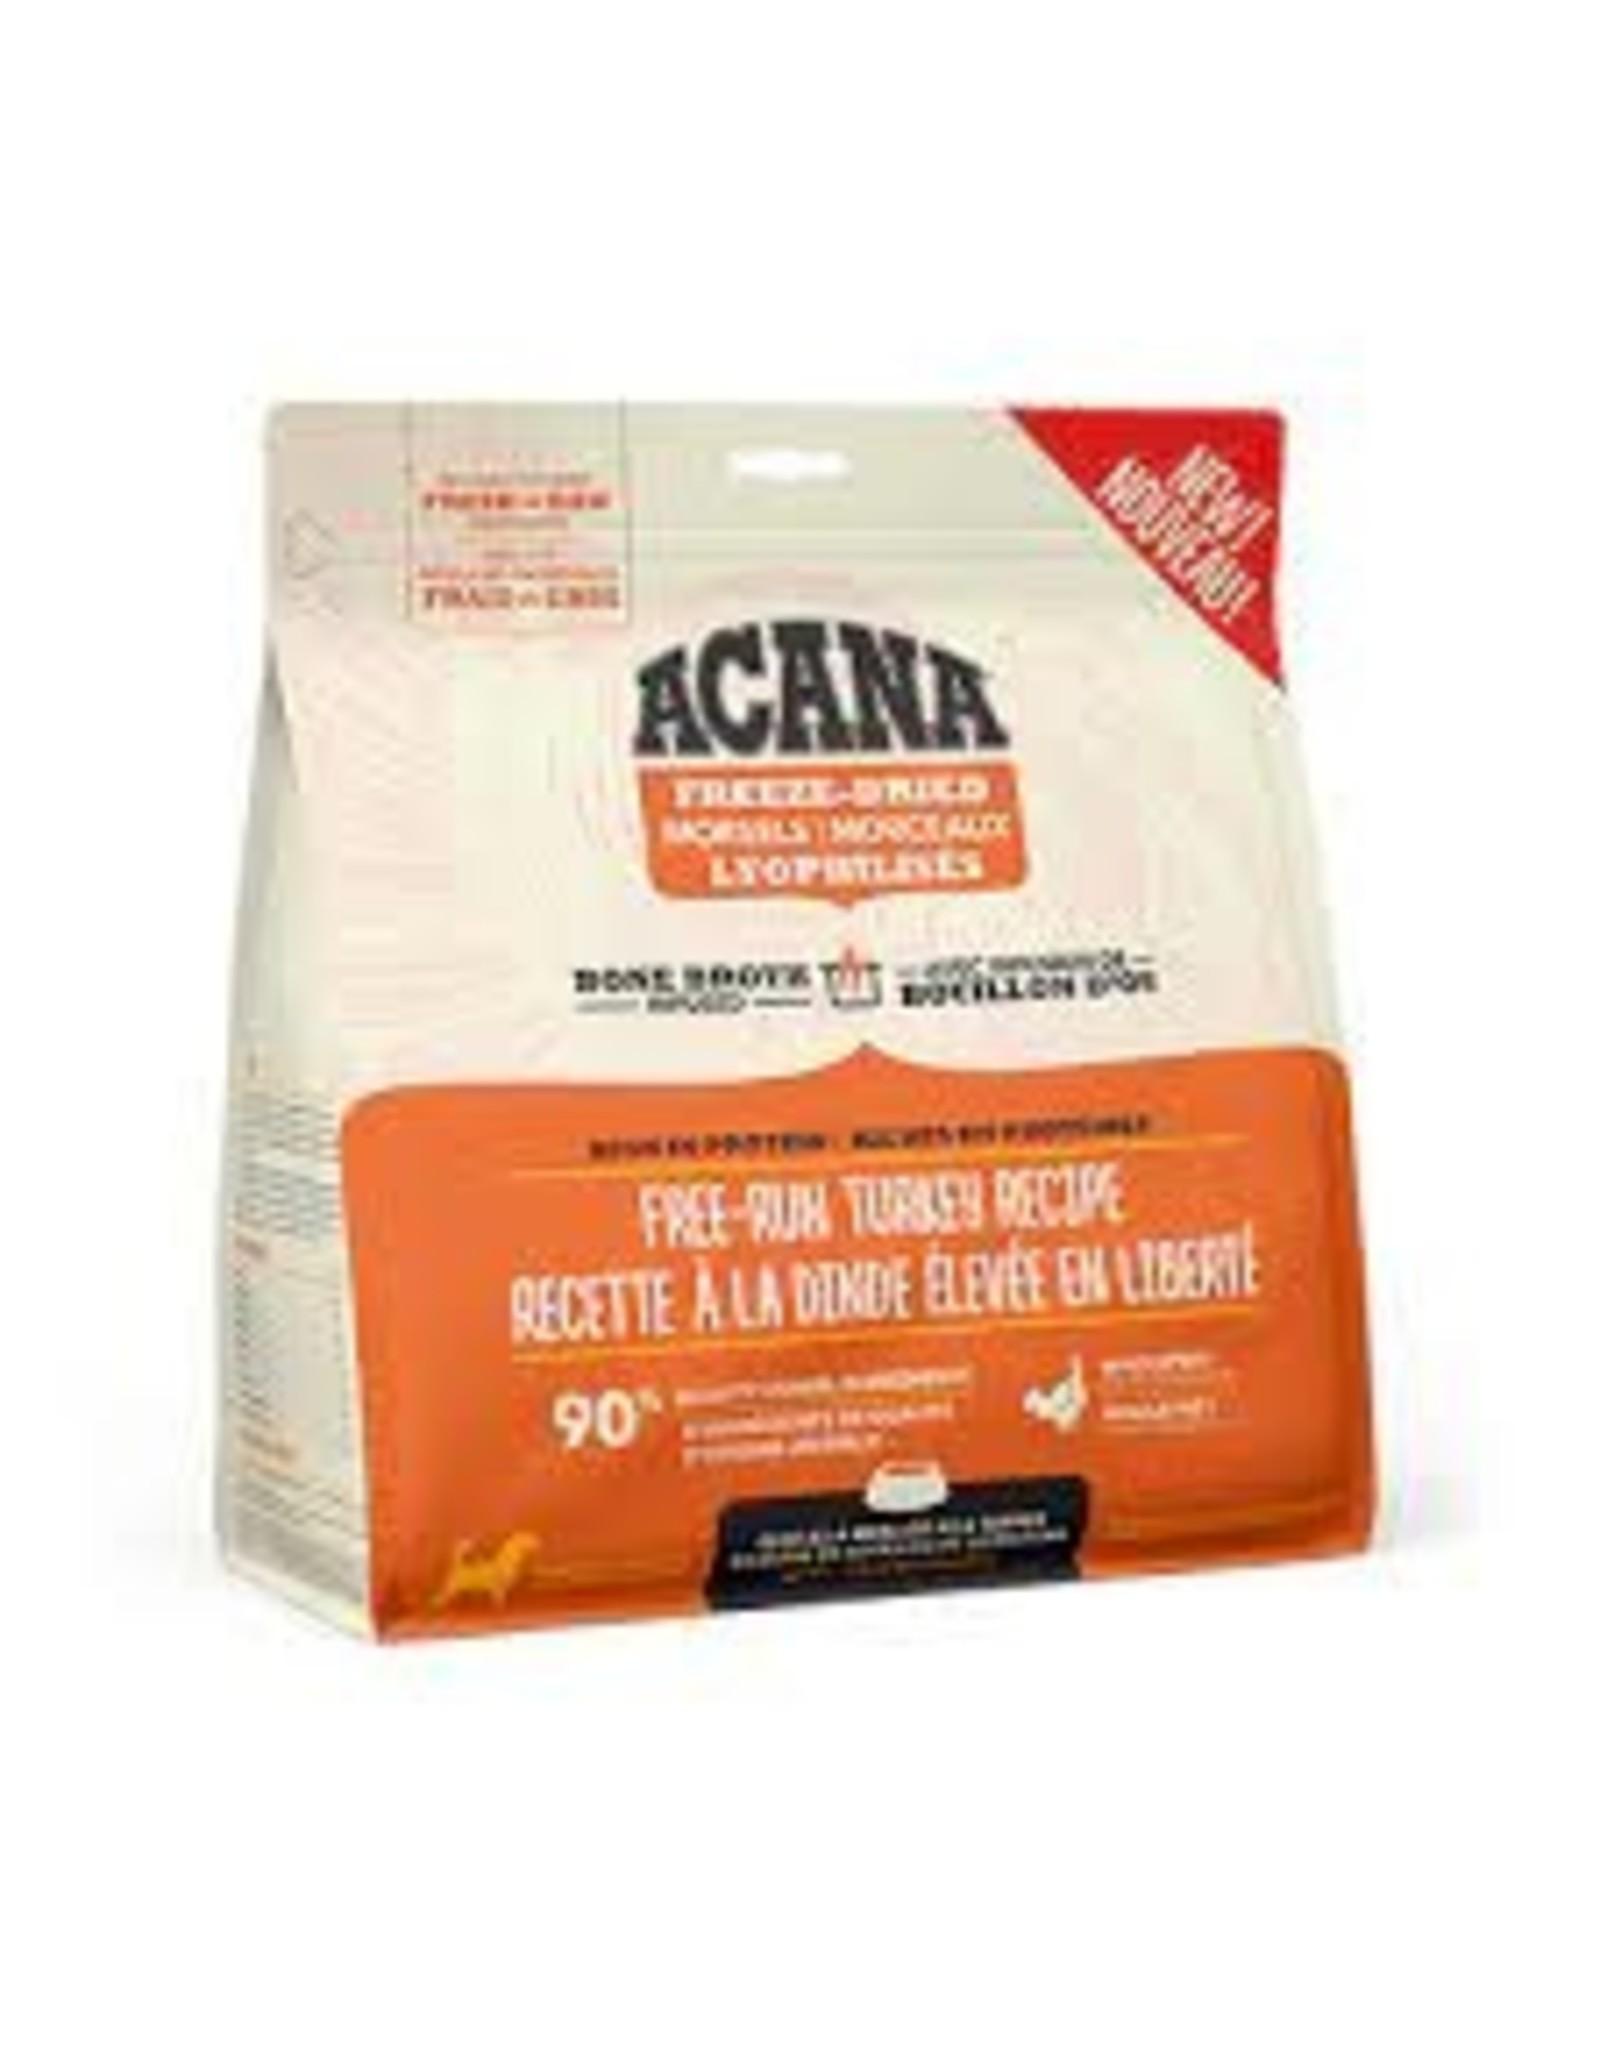 Acana Free-Run Turkey Recipe Freeze-Dried Raw